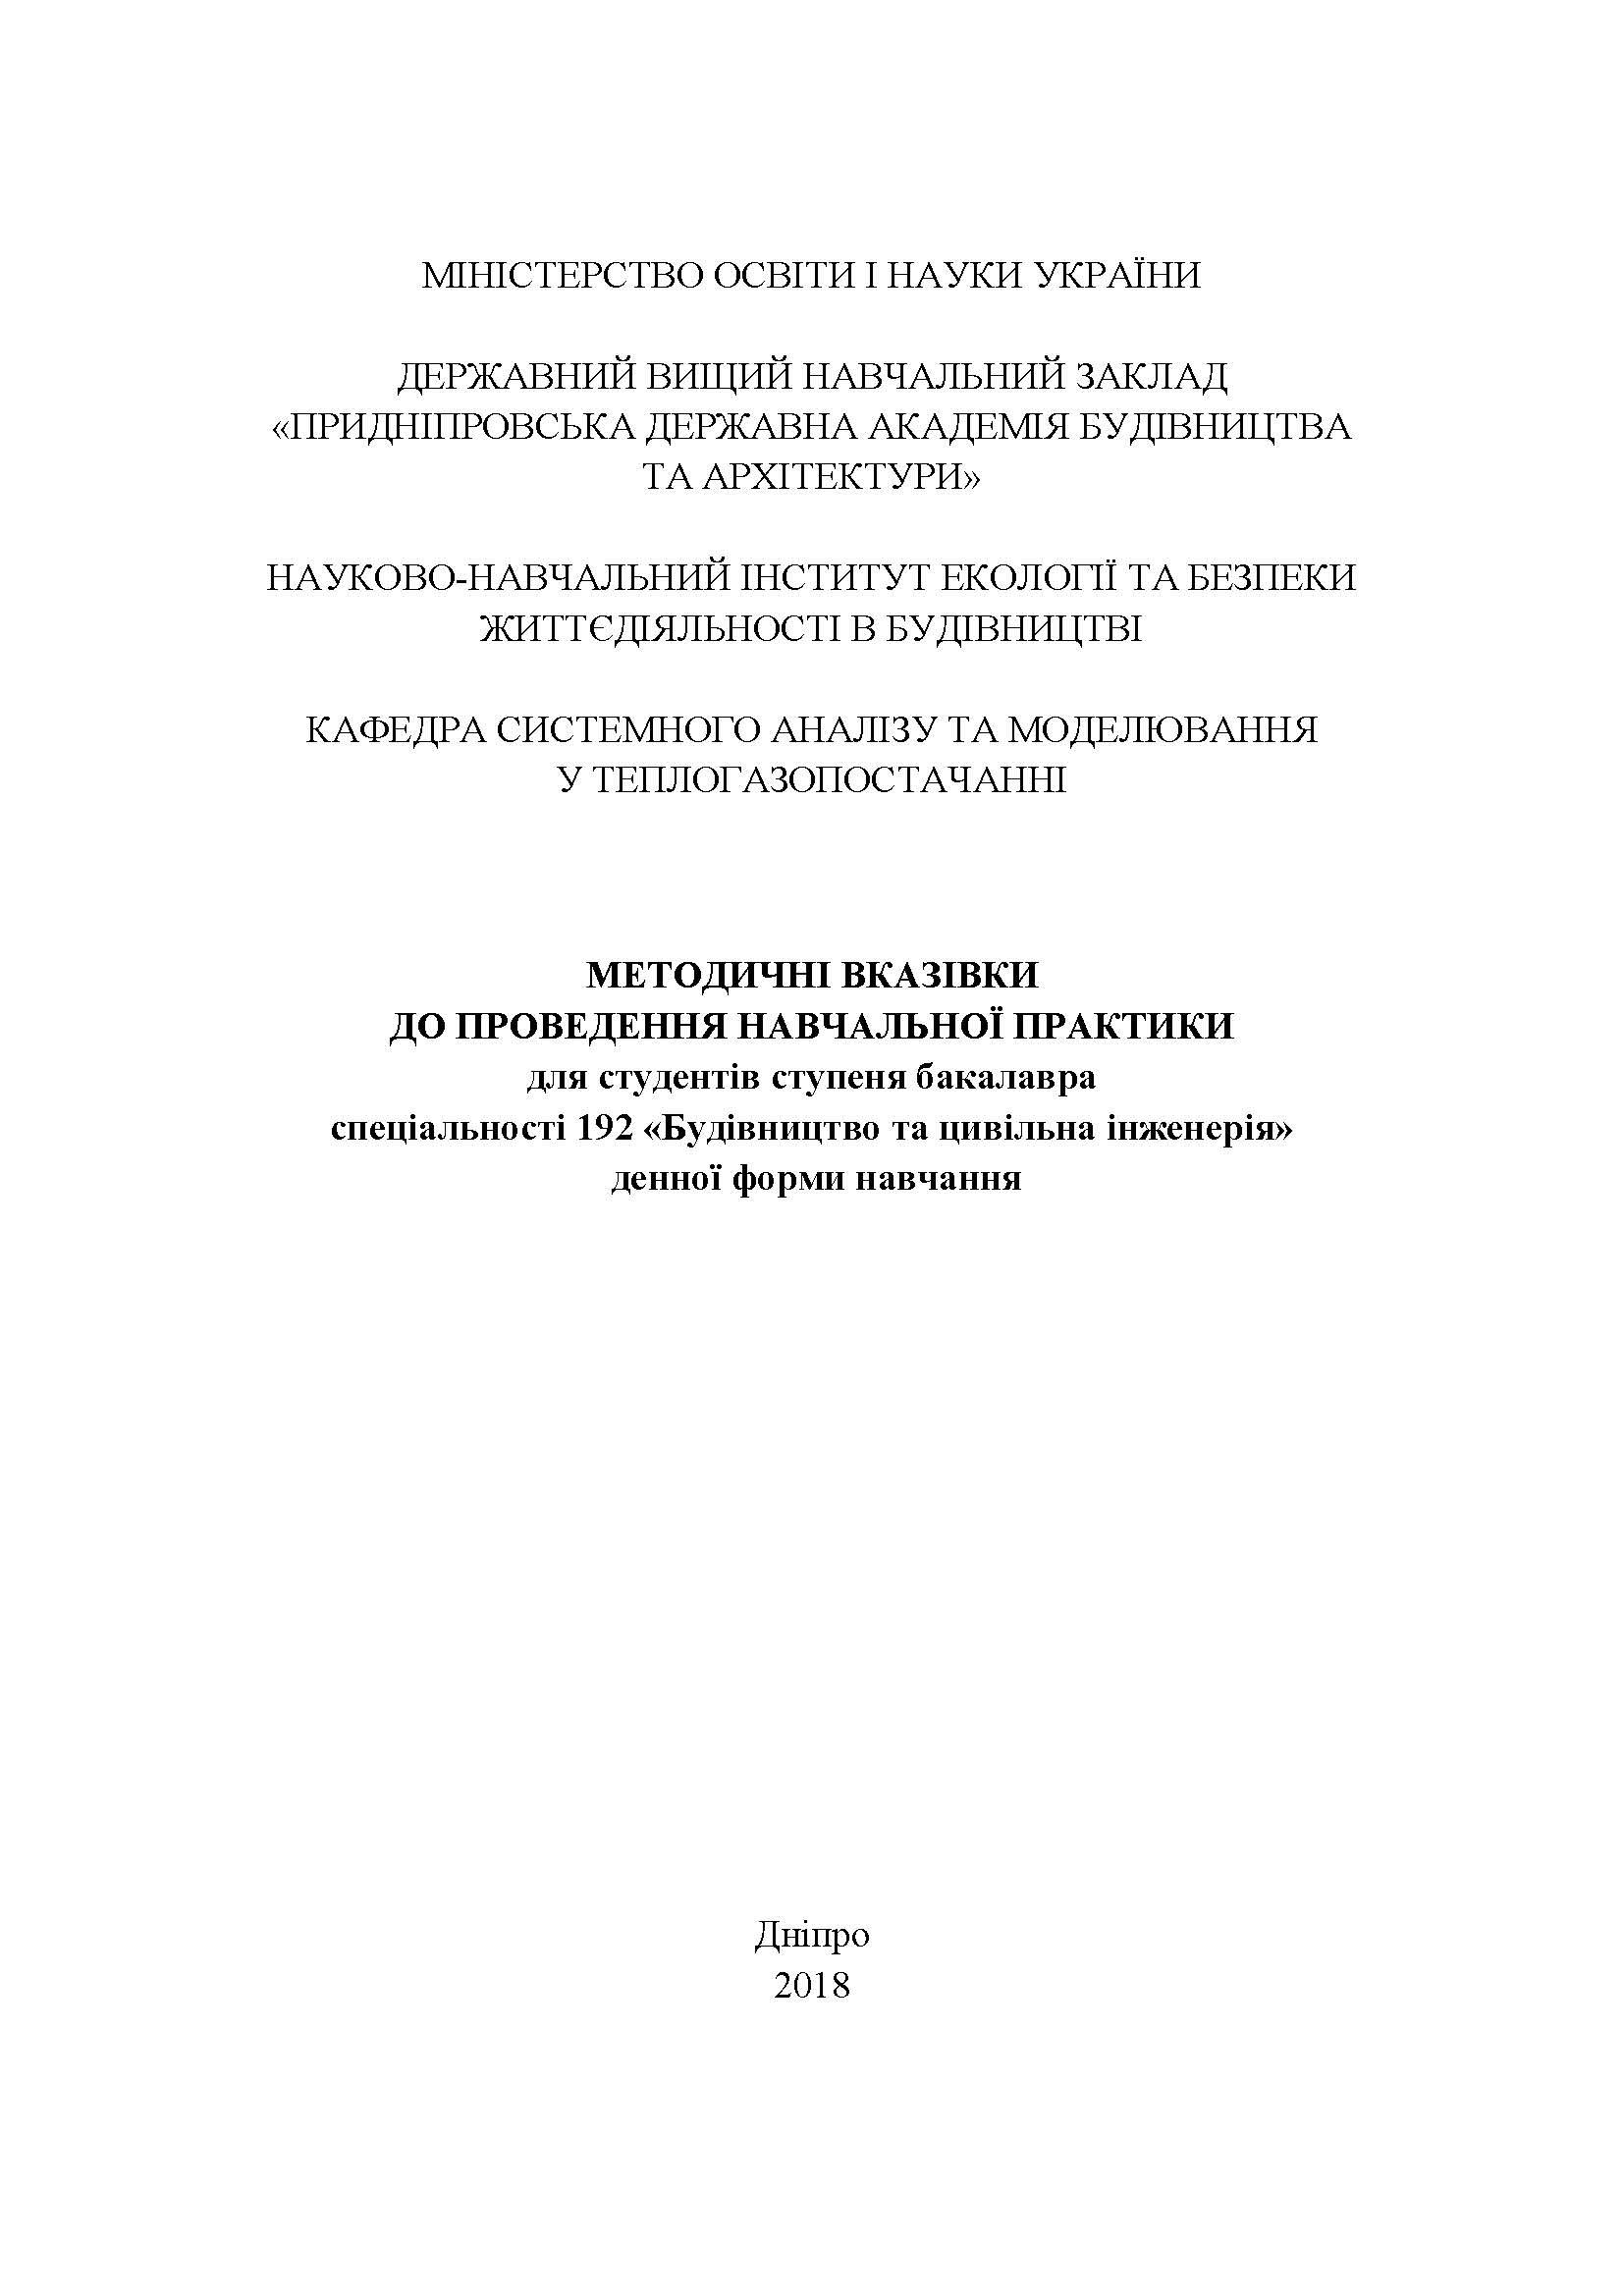 Методичні вказівки до проведення навчальної практики для студентів ступеня бакалавра спеціальності 192 «Будівництво та цивільна інженерія», 2018